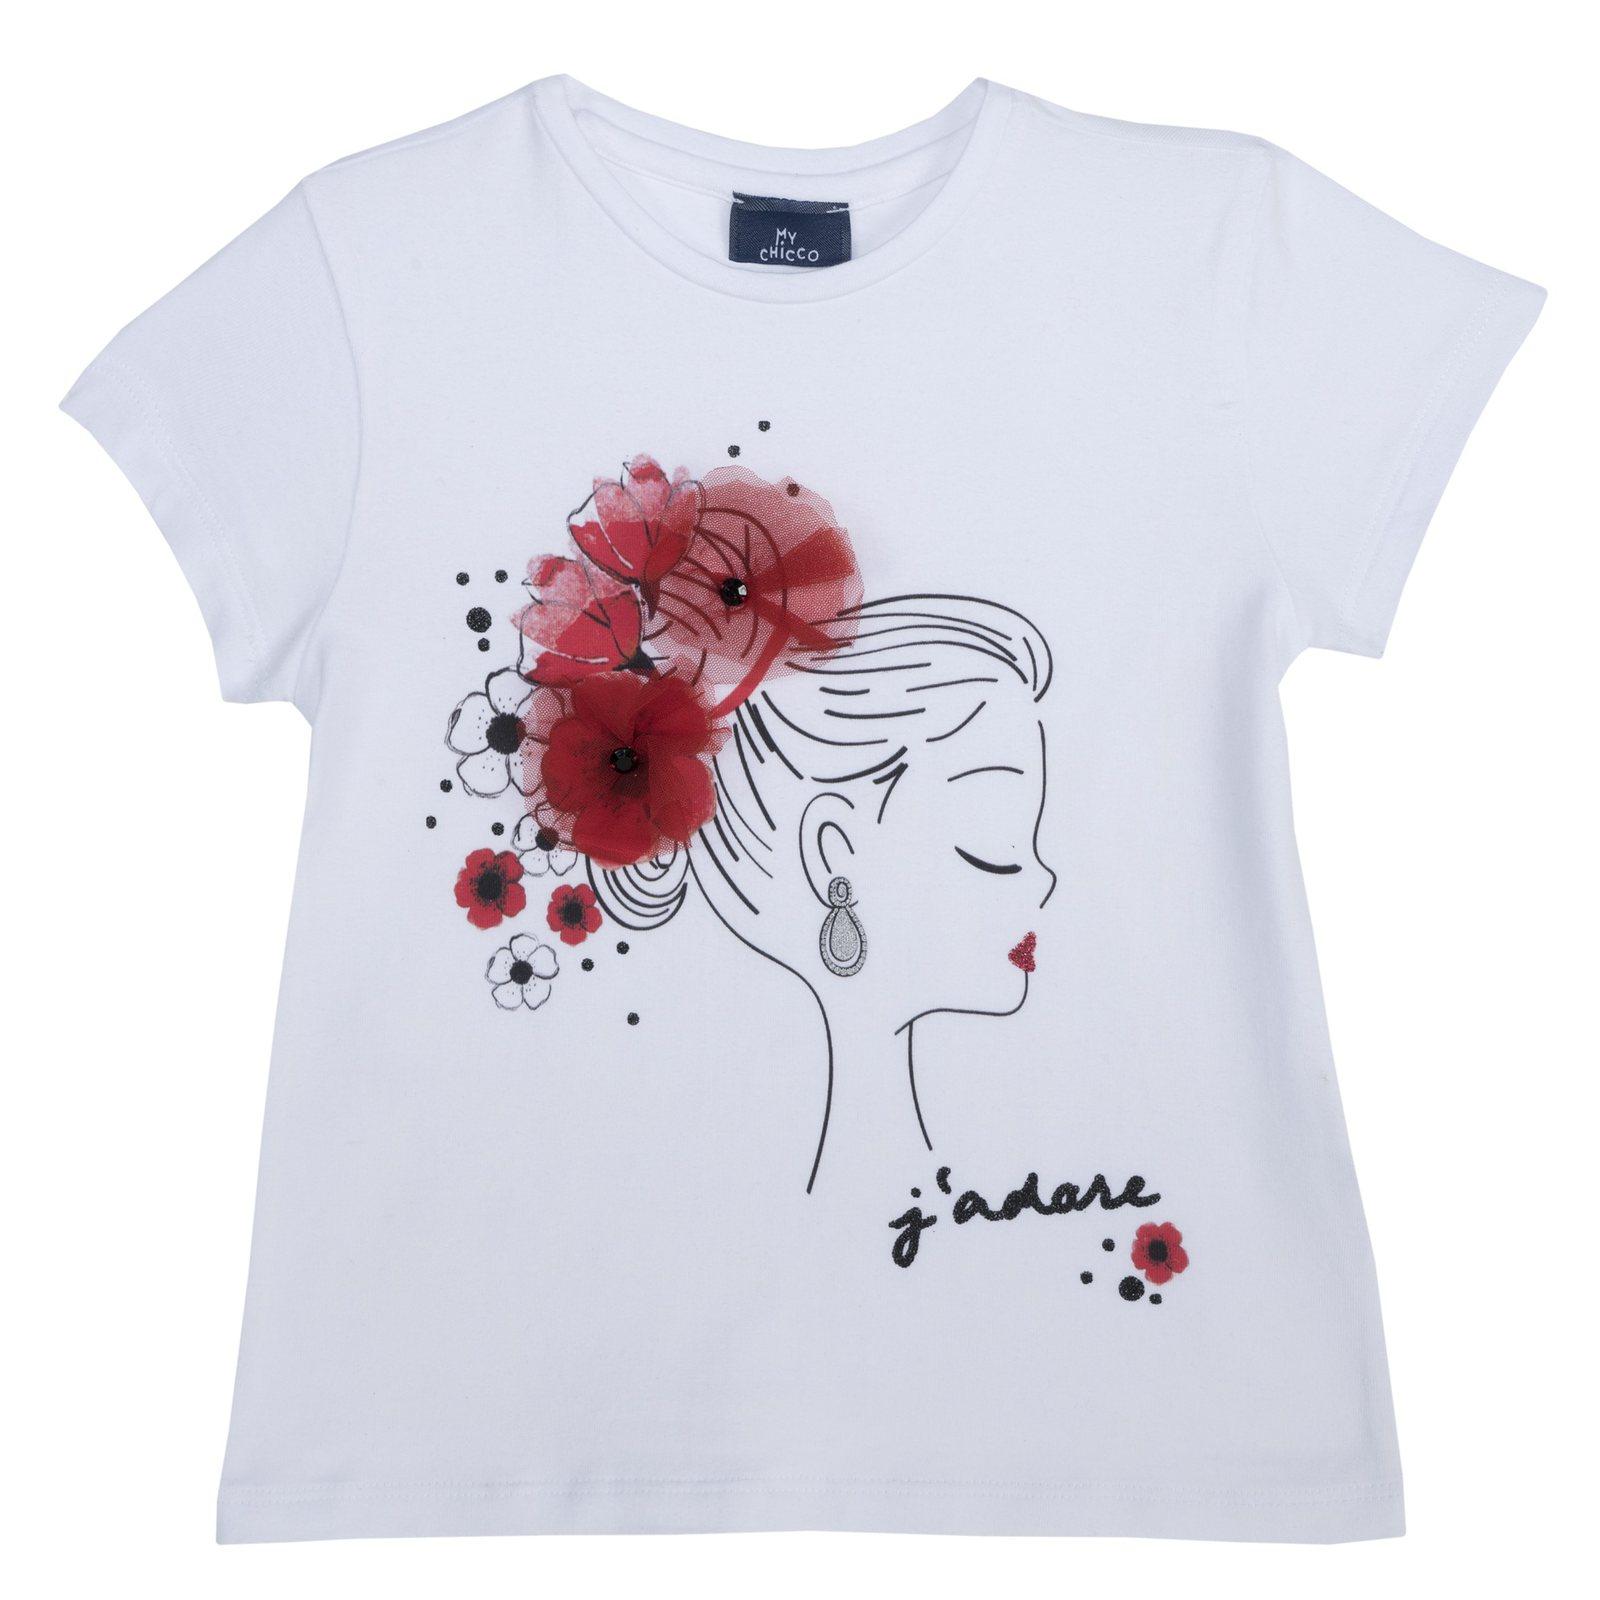 dab5bc845bd286 Camicie e T-shirt bambina t-shirt con stampa e fiori applicati ...